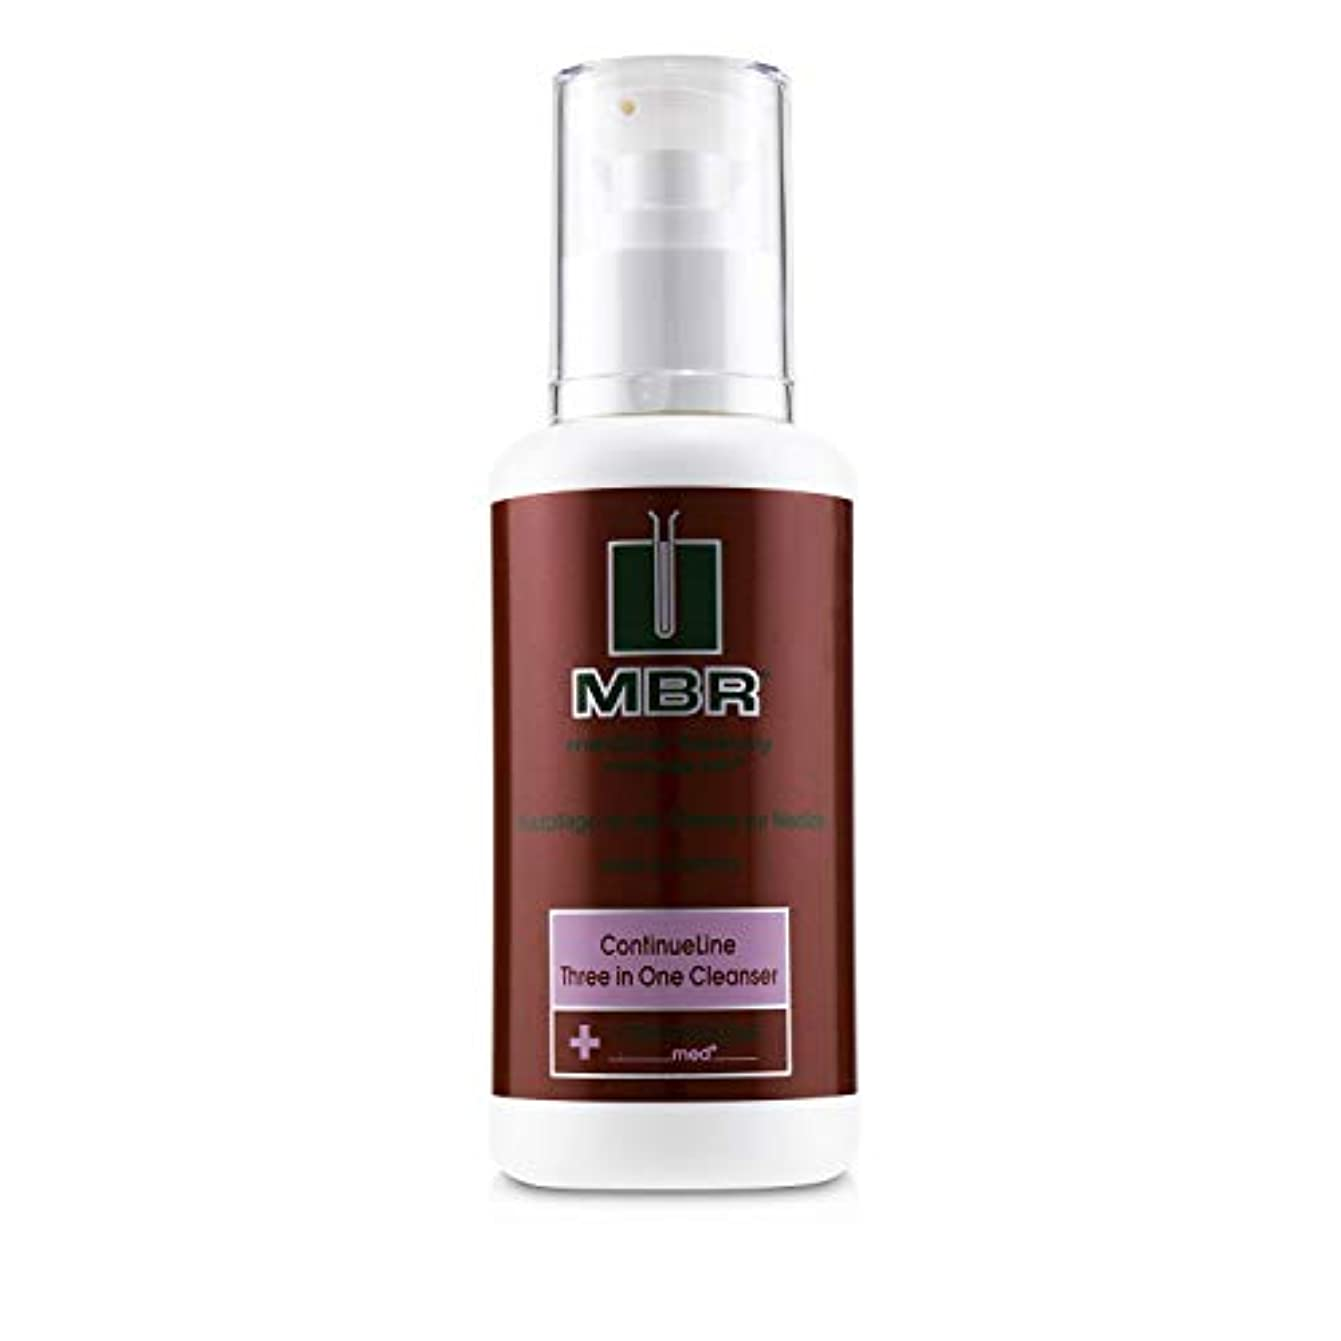 好ましい洋服入り口MBR Medical Beauty Research ContinueLine Med ContinueLine Three in One Cleanser 150ml/5.1oz並行輸入品